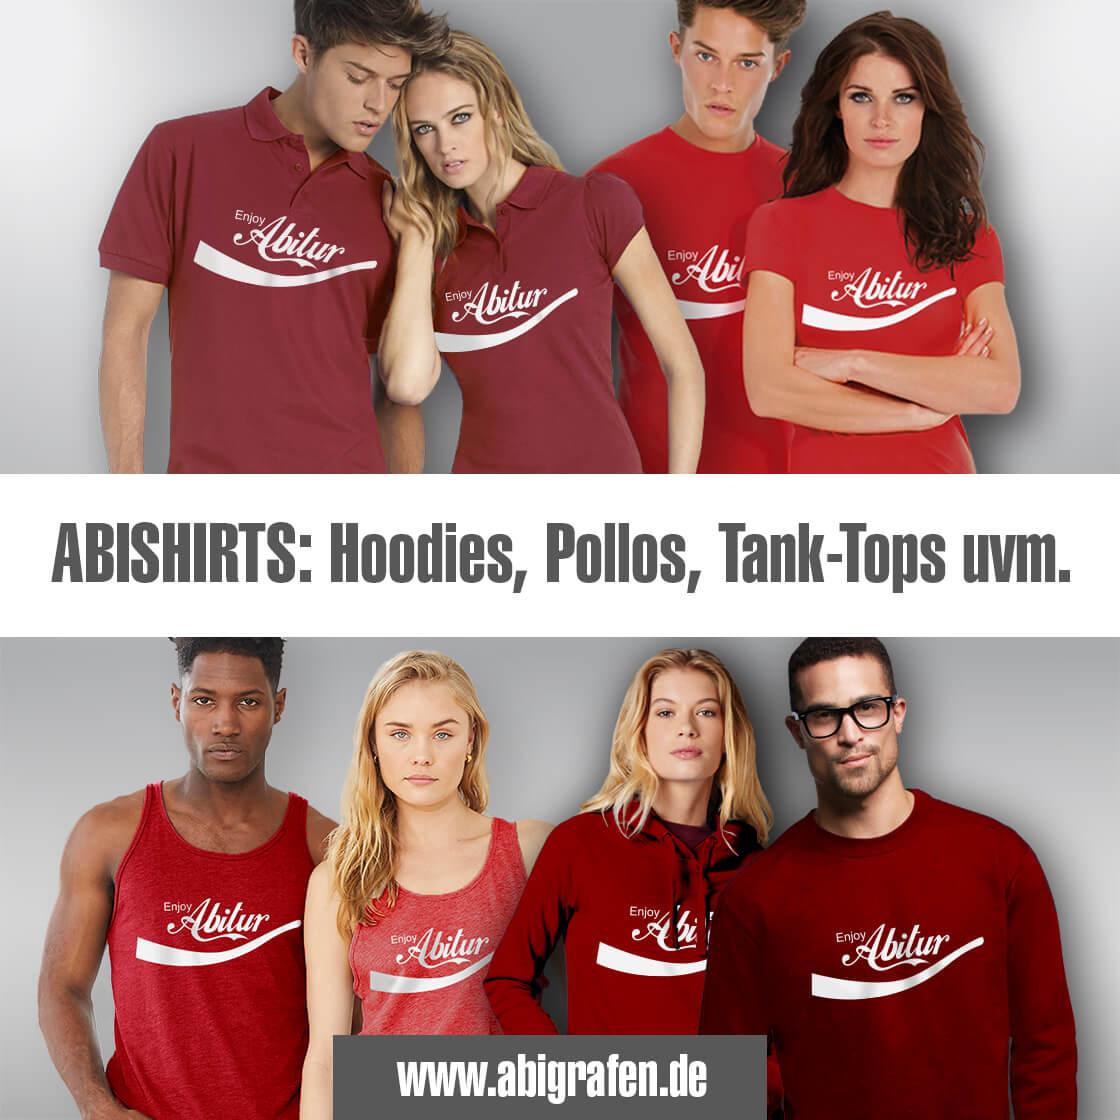 Textildruck für Abschluss & Abi: Siebdruck oder Digitaldruck auf Abishirts, Abipullis & Co